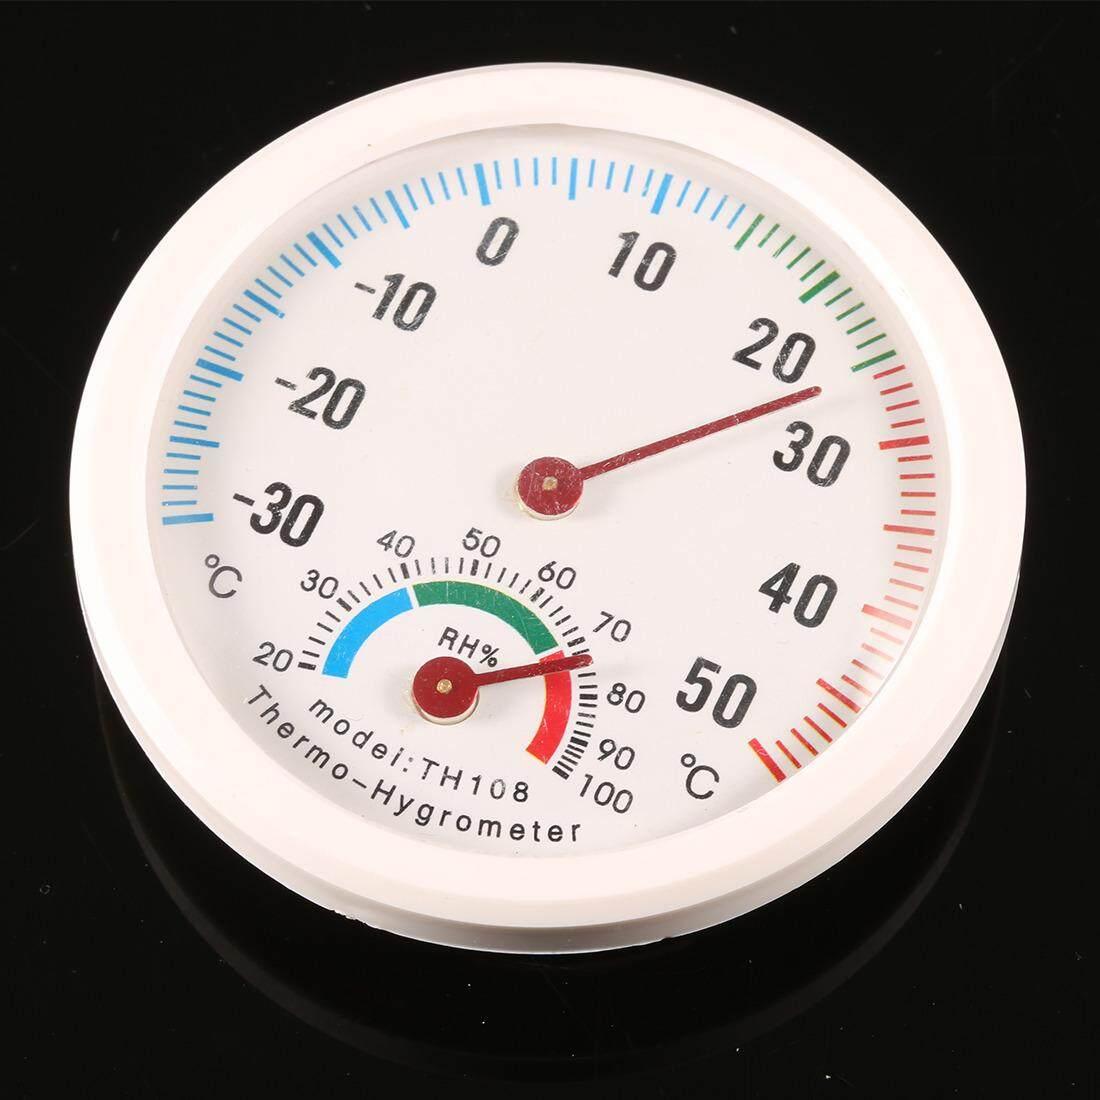 Fitur Dalam Luar Ruangan Termometer Suhu Meter Higrometer Kelembaban Hygrometer Thermometer Htc 1 Digital Lcd Jam Berbentuk Internasional 3